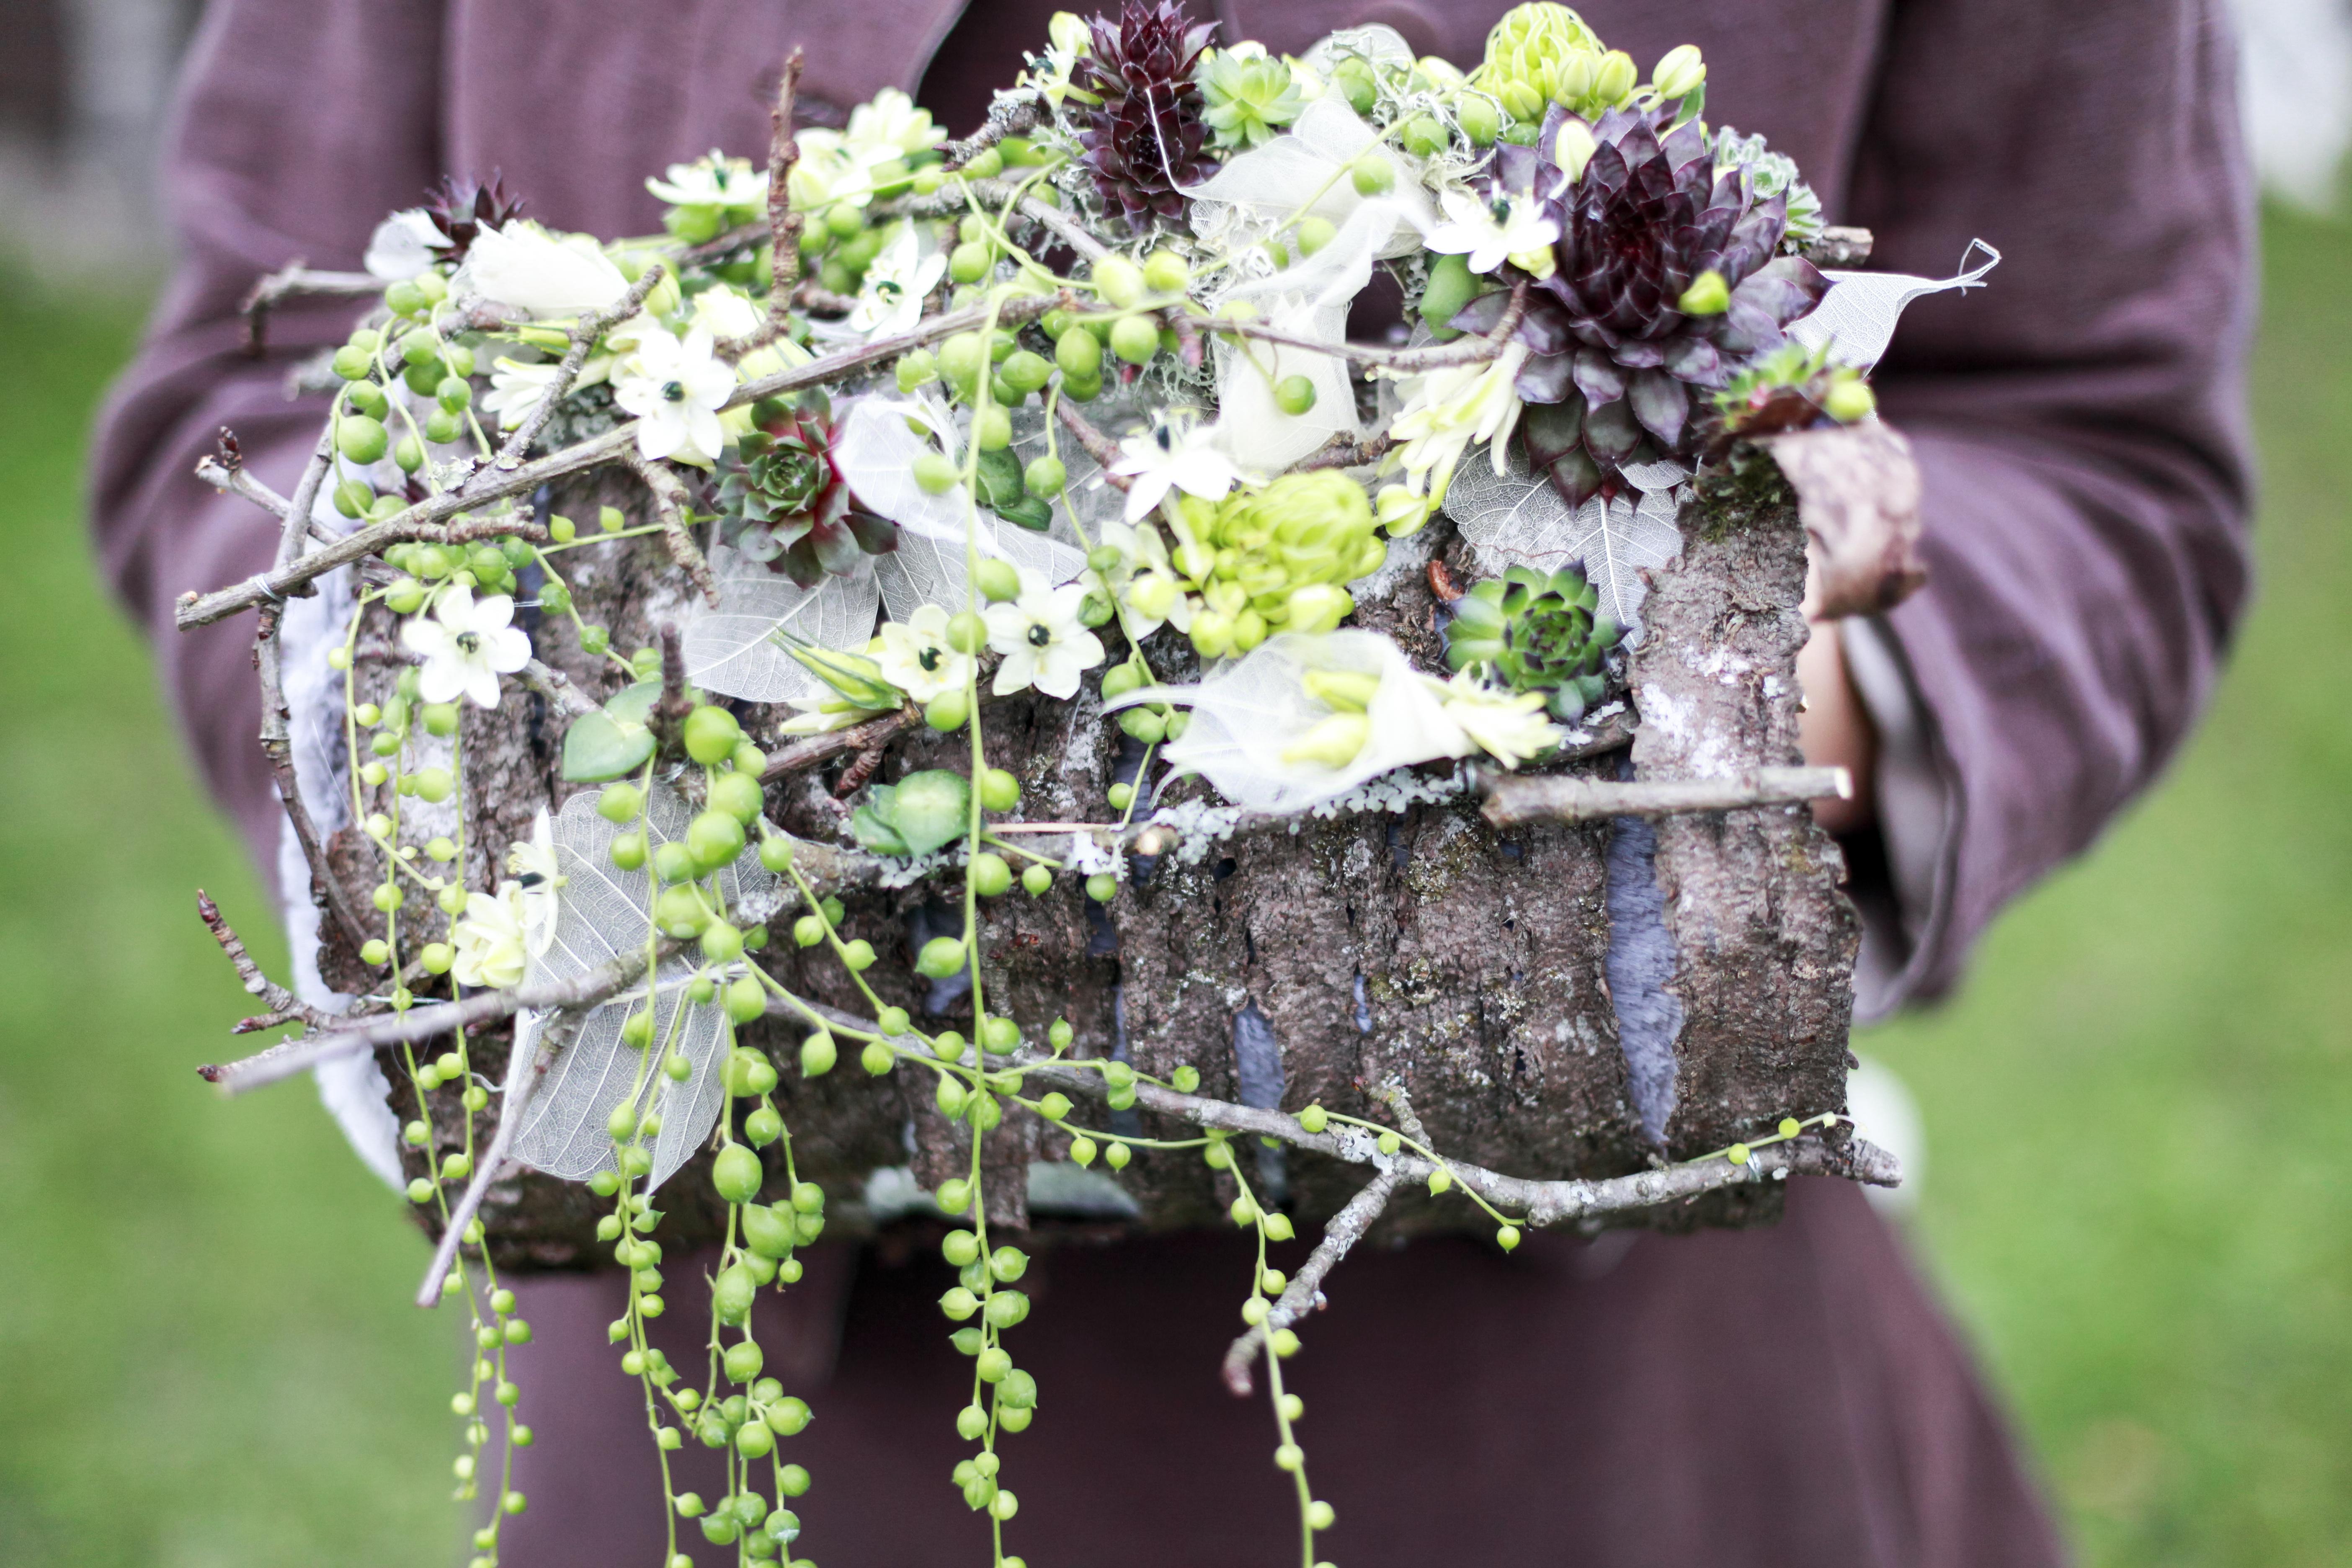 Le bouquet manchon est réalisé à partir d'écorce de bois, de petites plantes grasses et de fleurons d'ornithogalum arabica.